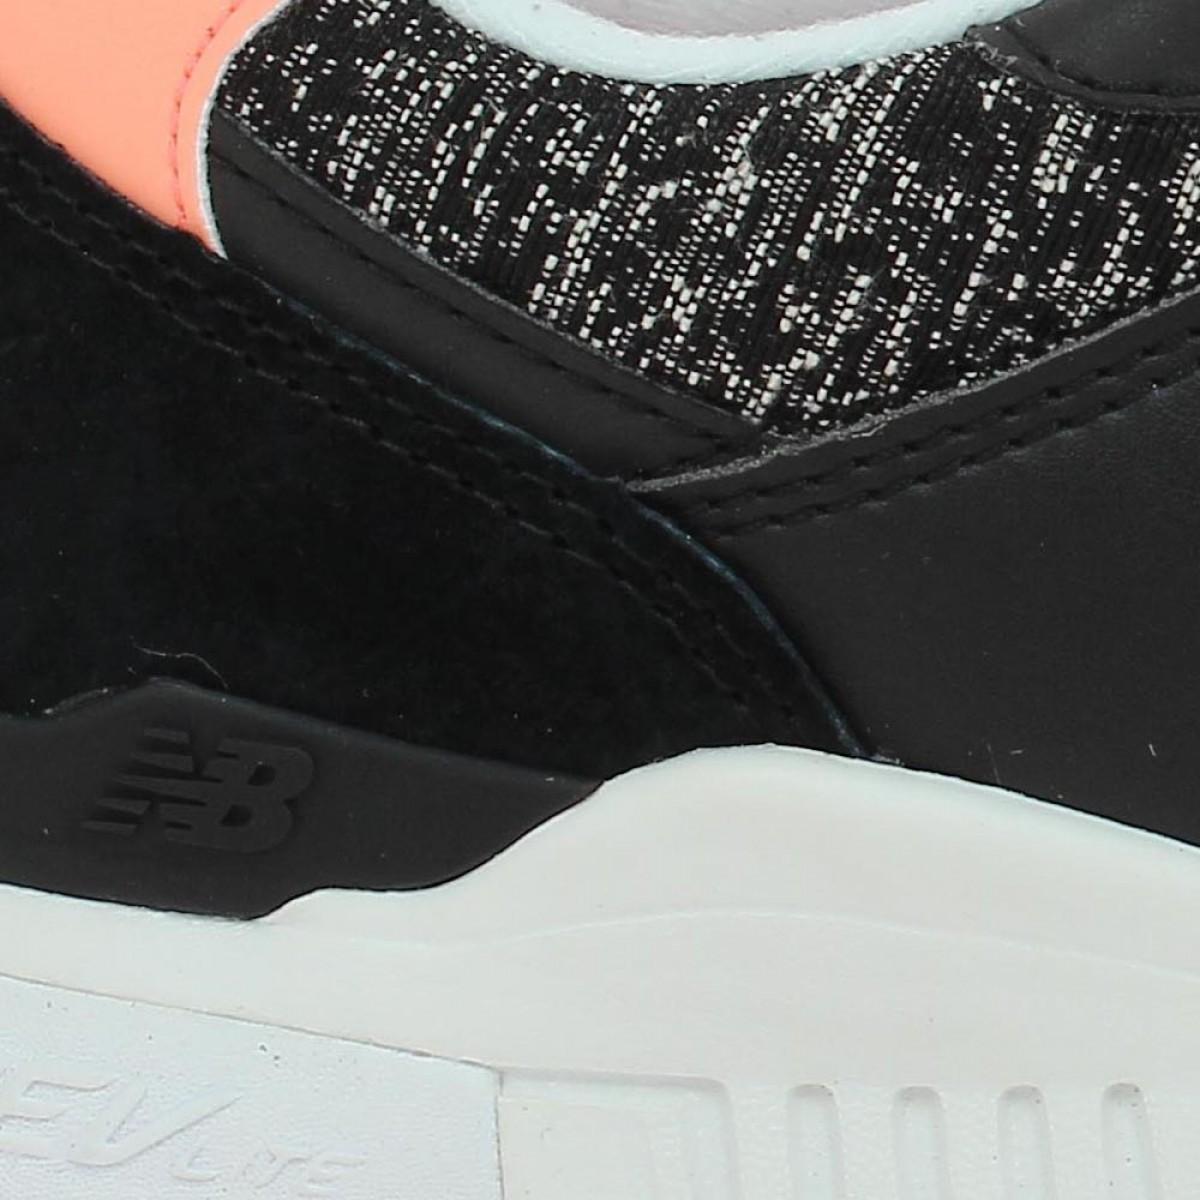 New balance 840 cuir femme noir femme   Fanny chaussures